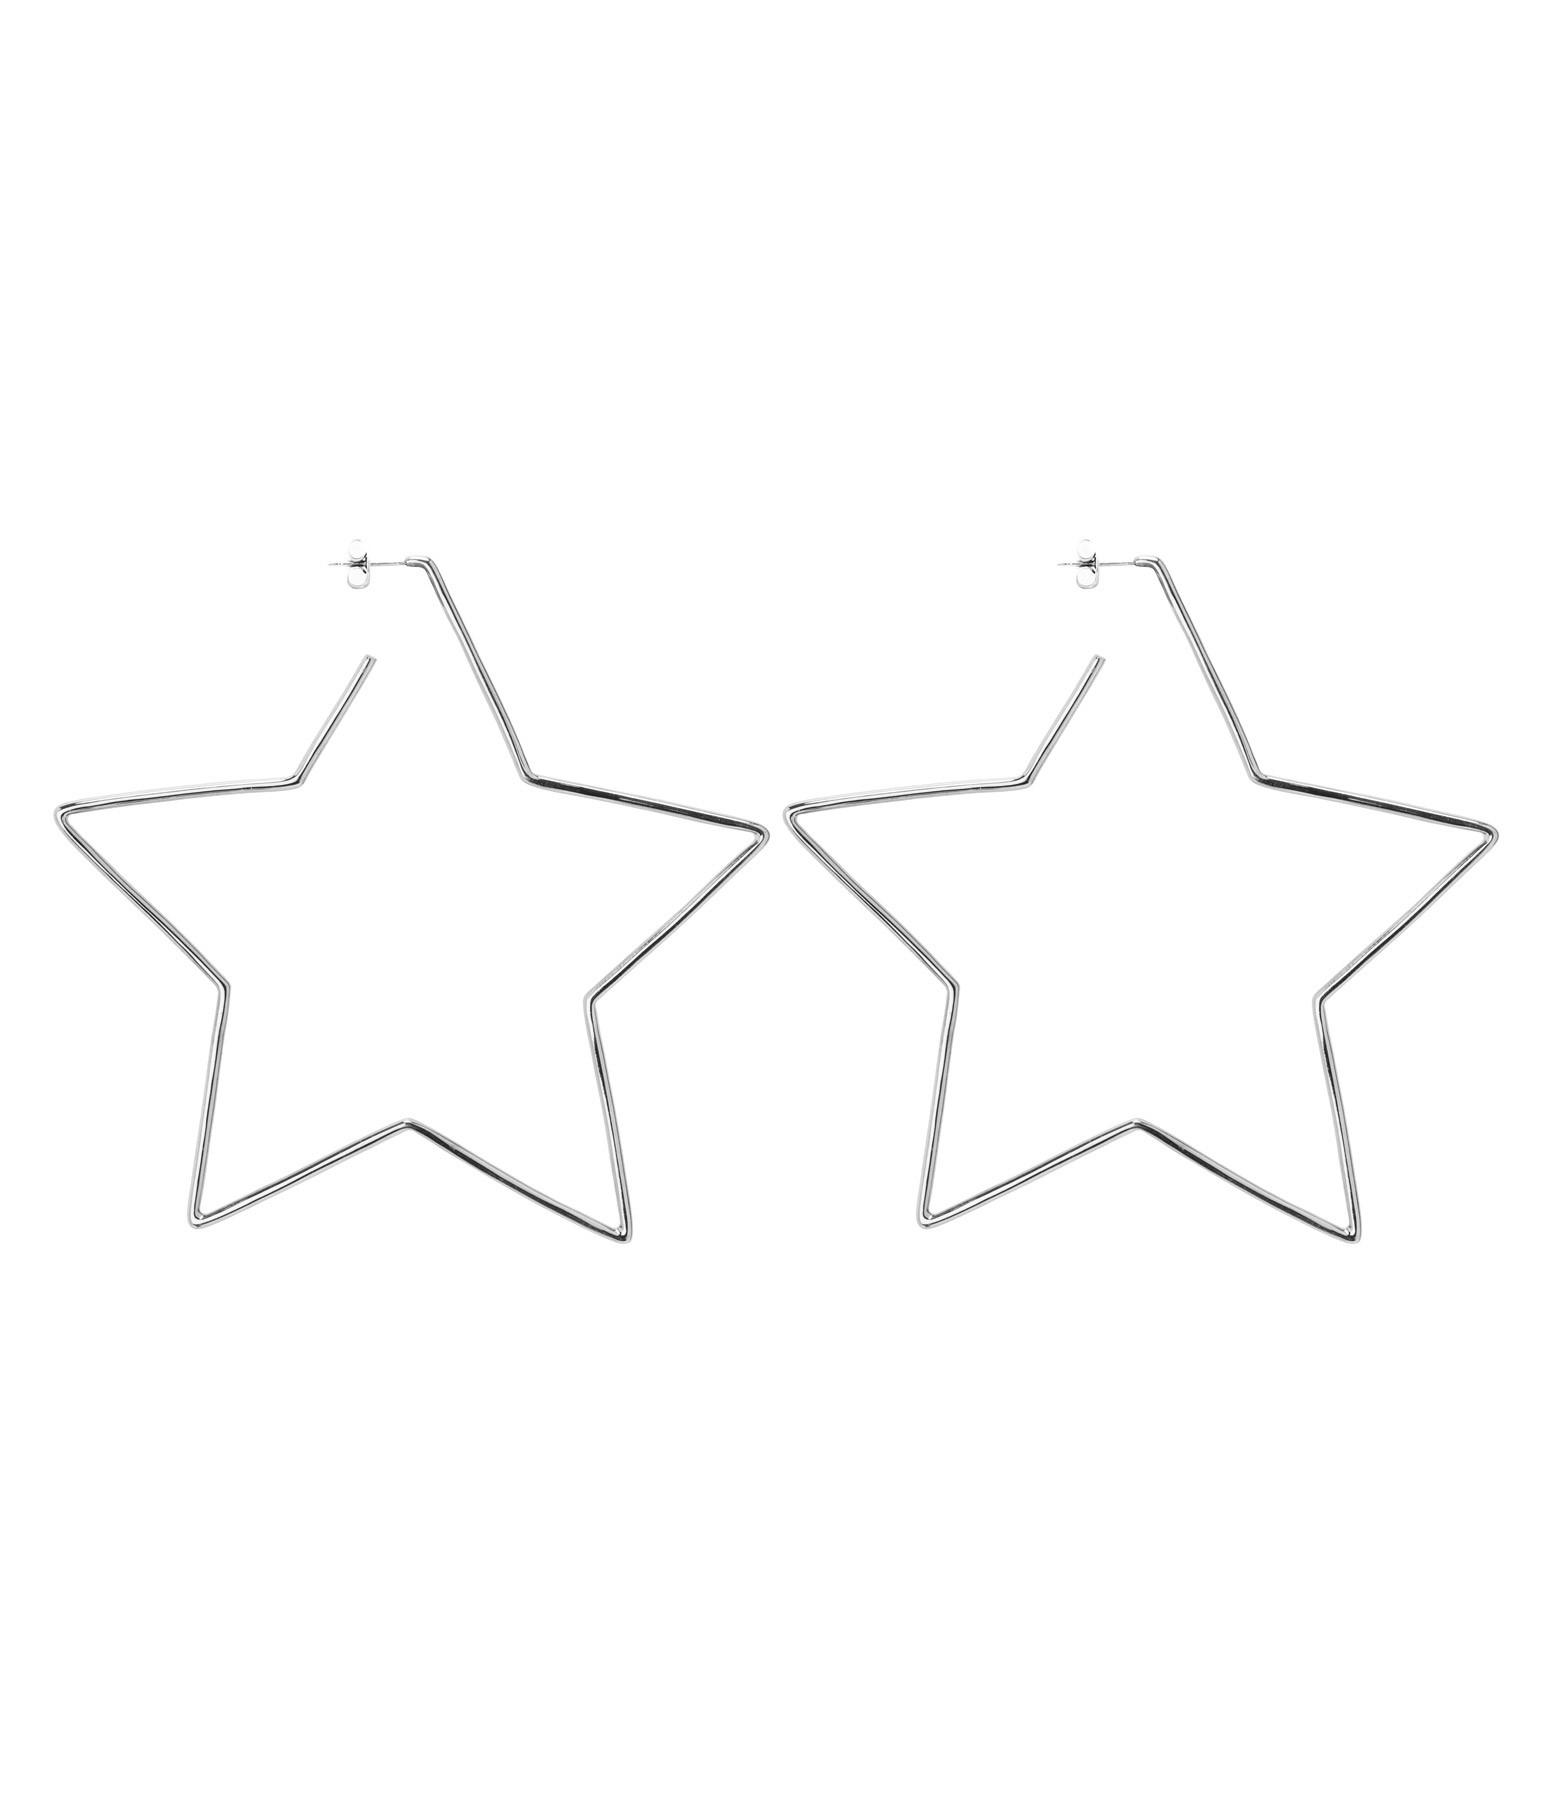 ISABEL MARANT - Boucles d'oreilles Shiny in Love Laiton Argenté